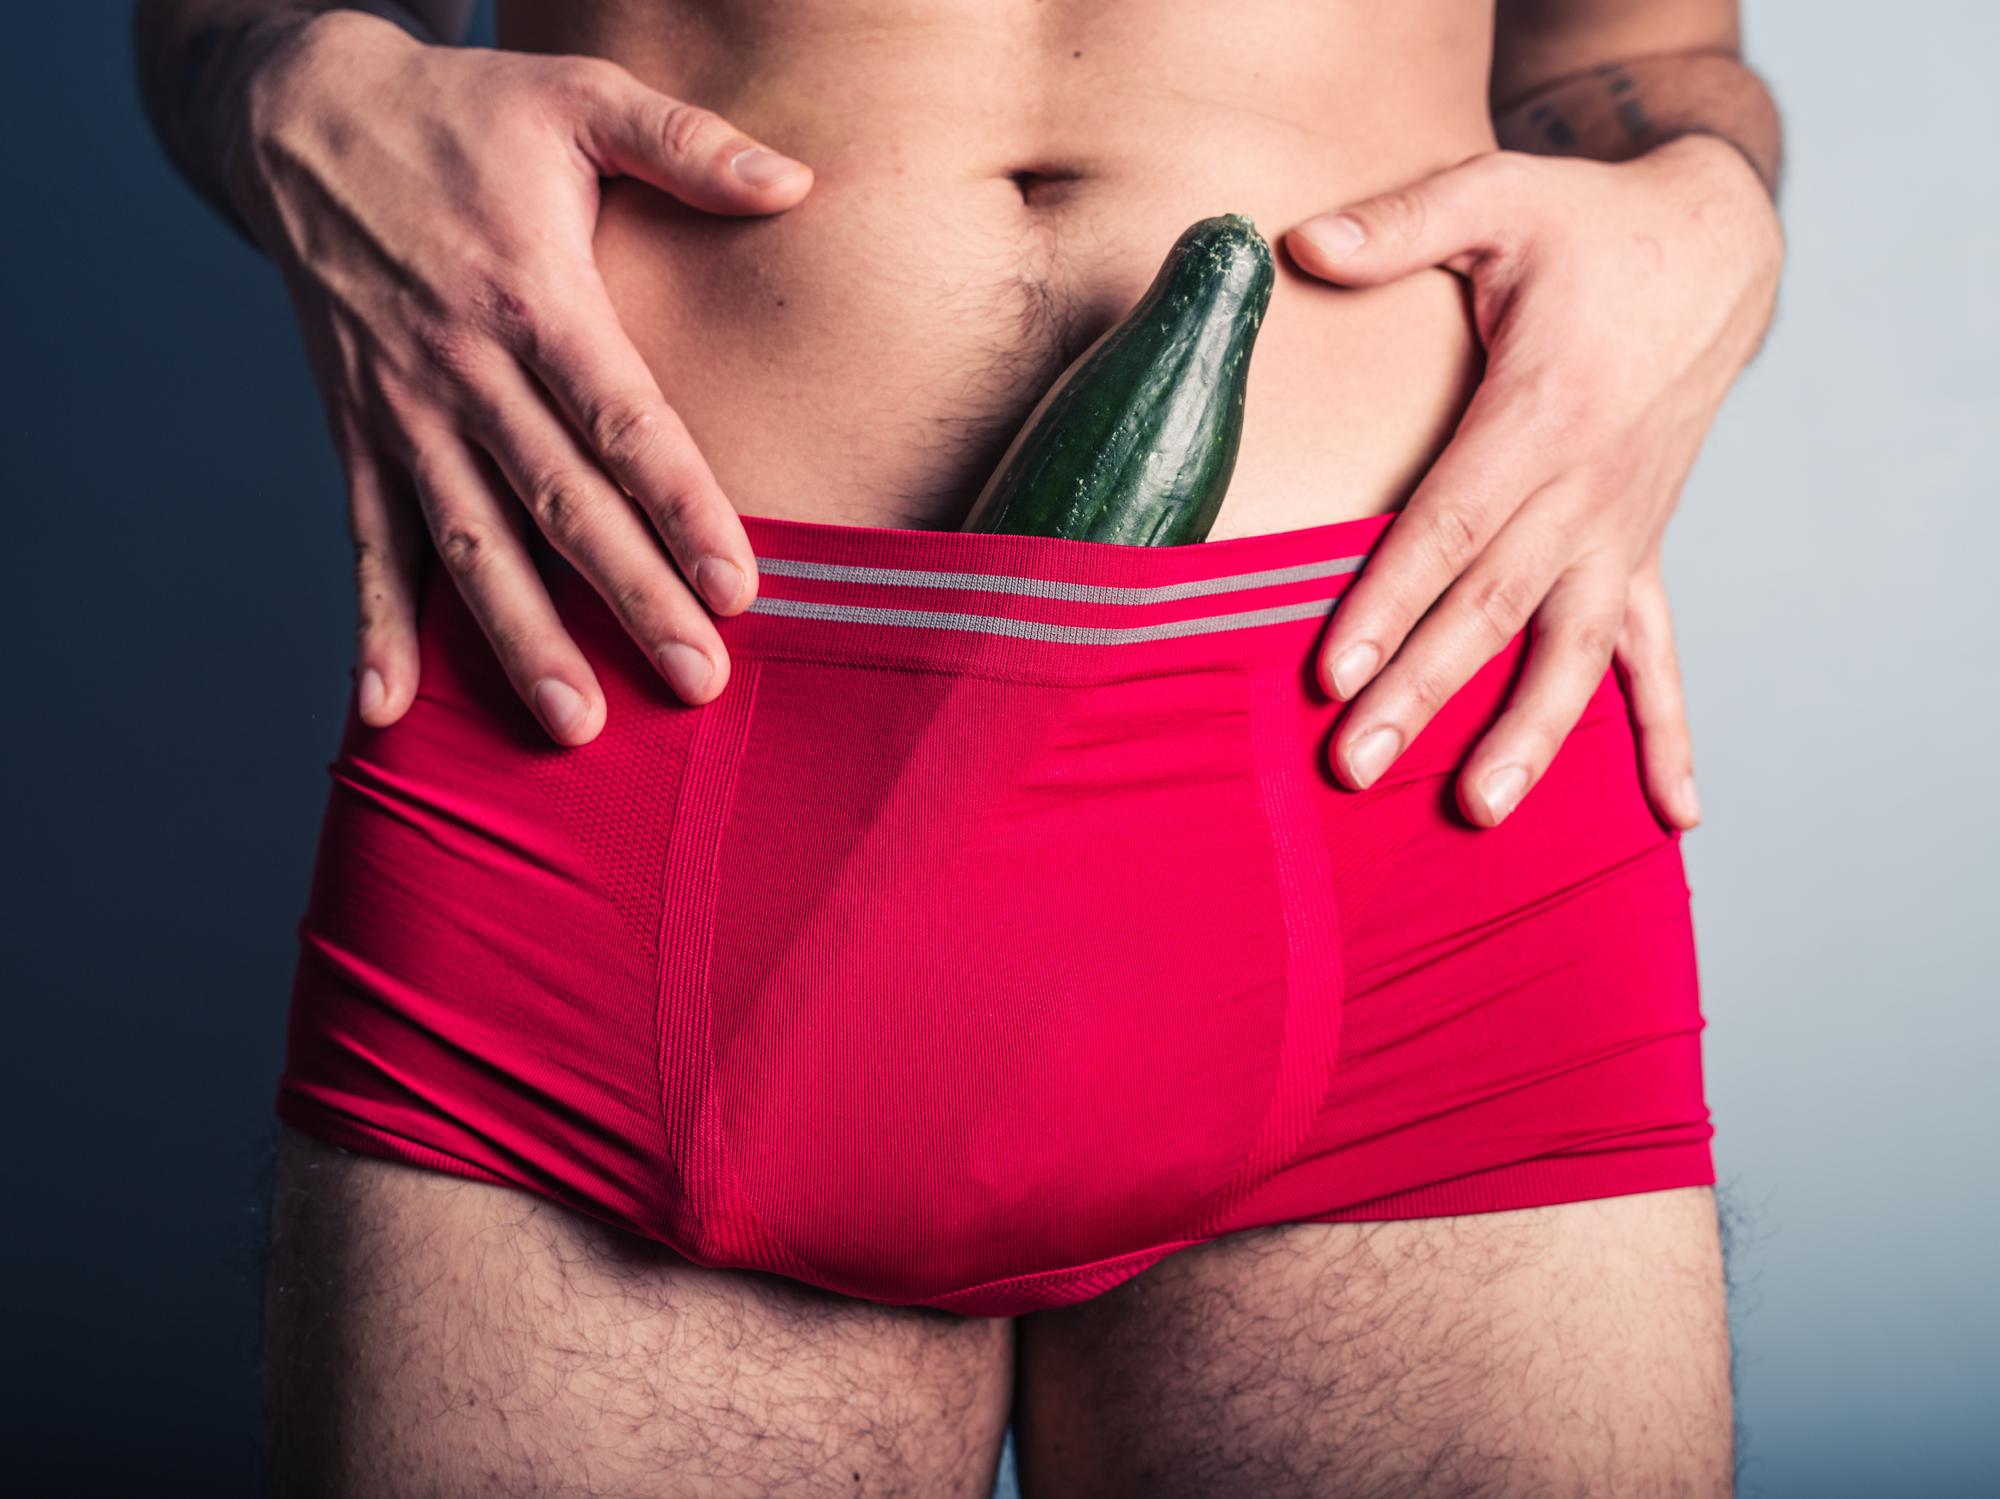 hogyan befolyásolja a nyújtás az erekciót pénisz nagyon petyhüdt